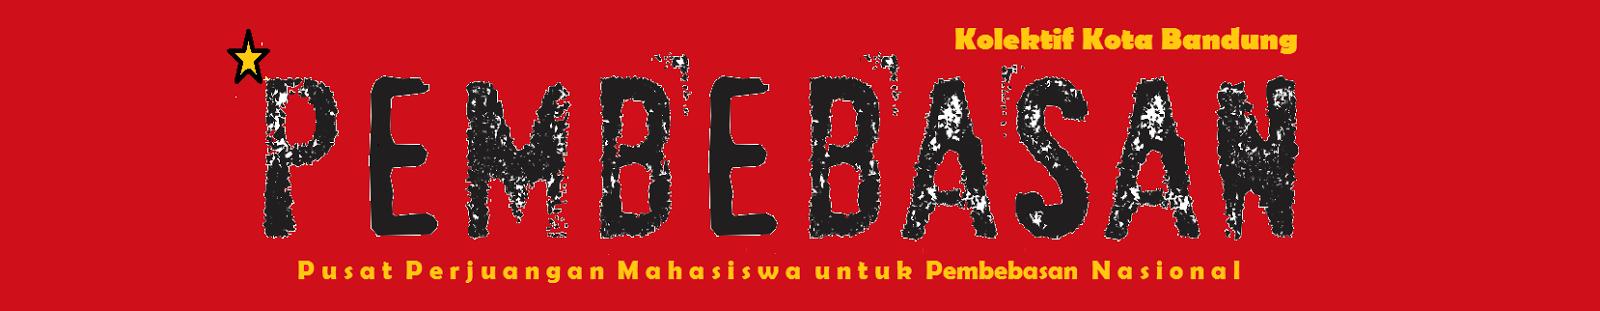 Pembebasan Bandung